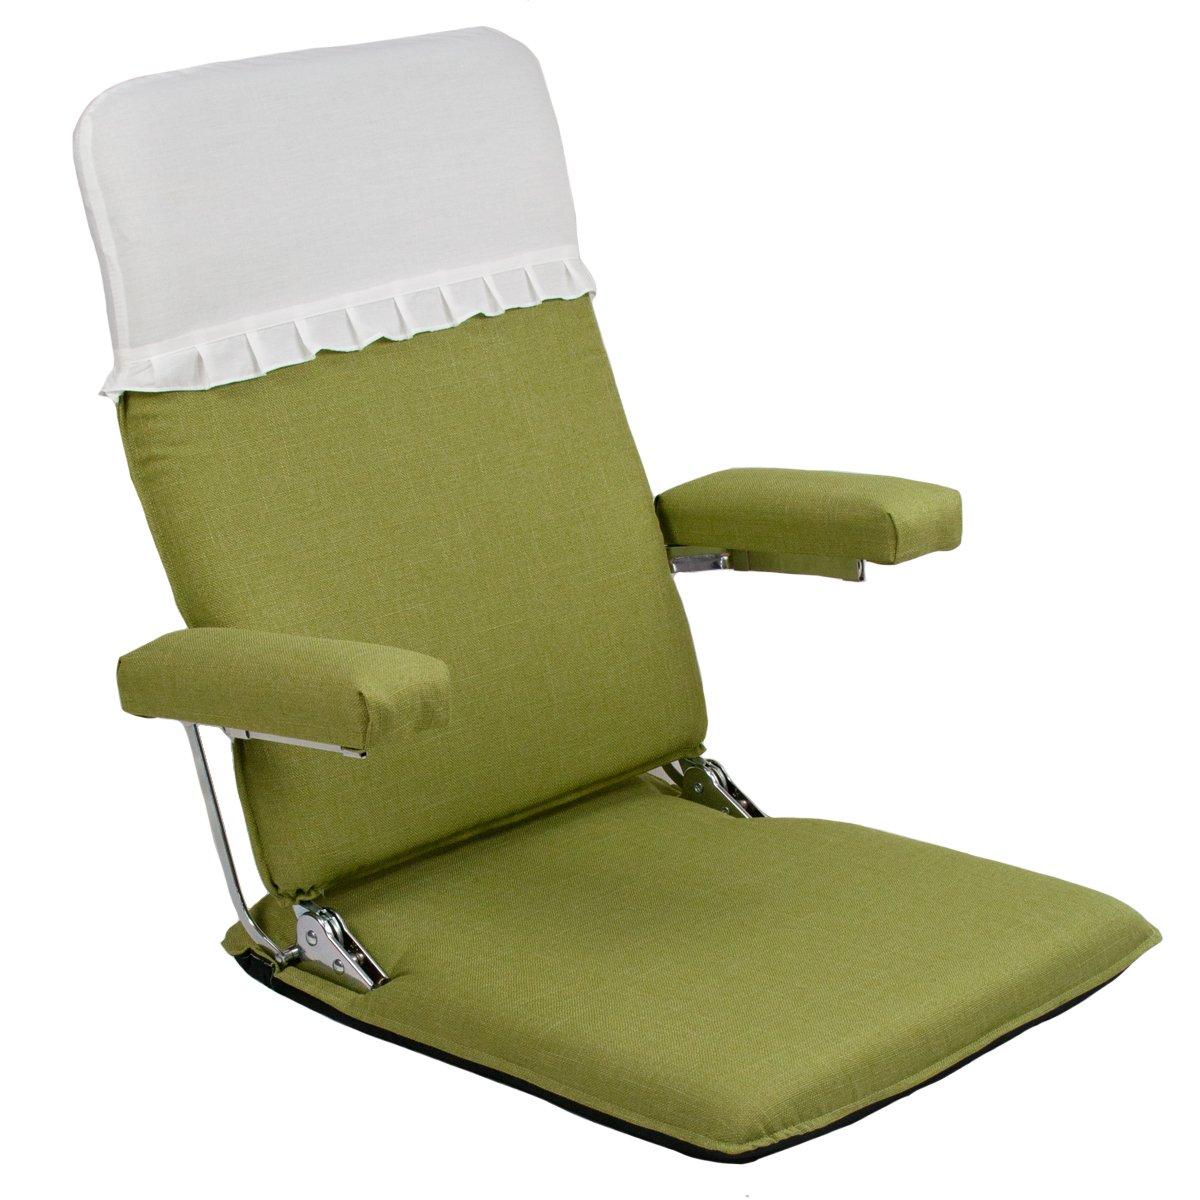 お座敷座椅子肘掛付ハイバック (カバー付) CBC313 グリーン 腰痛 日本製 リクライニング 姿勢 人気 肘掛け 和座椅子 B078J55T6V グリーン グリーン